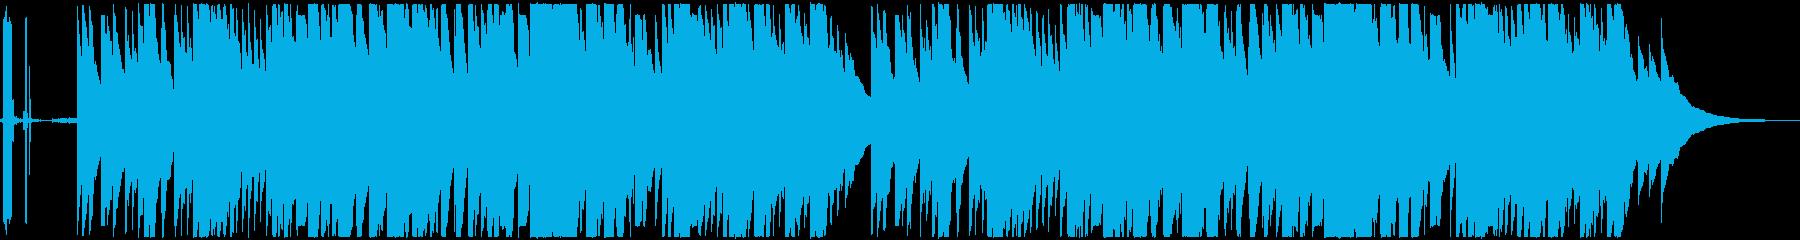 オルゴール やさしいメロディの楽曲の再生済みの波形